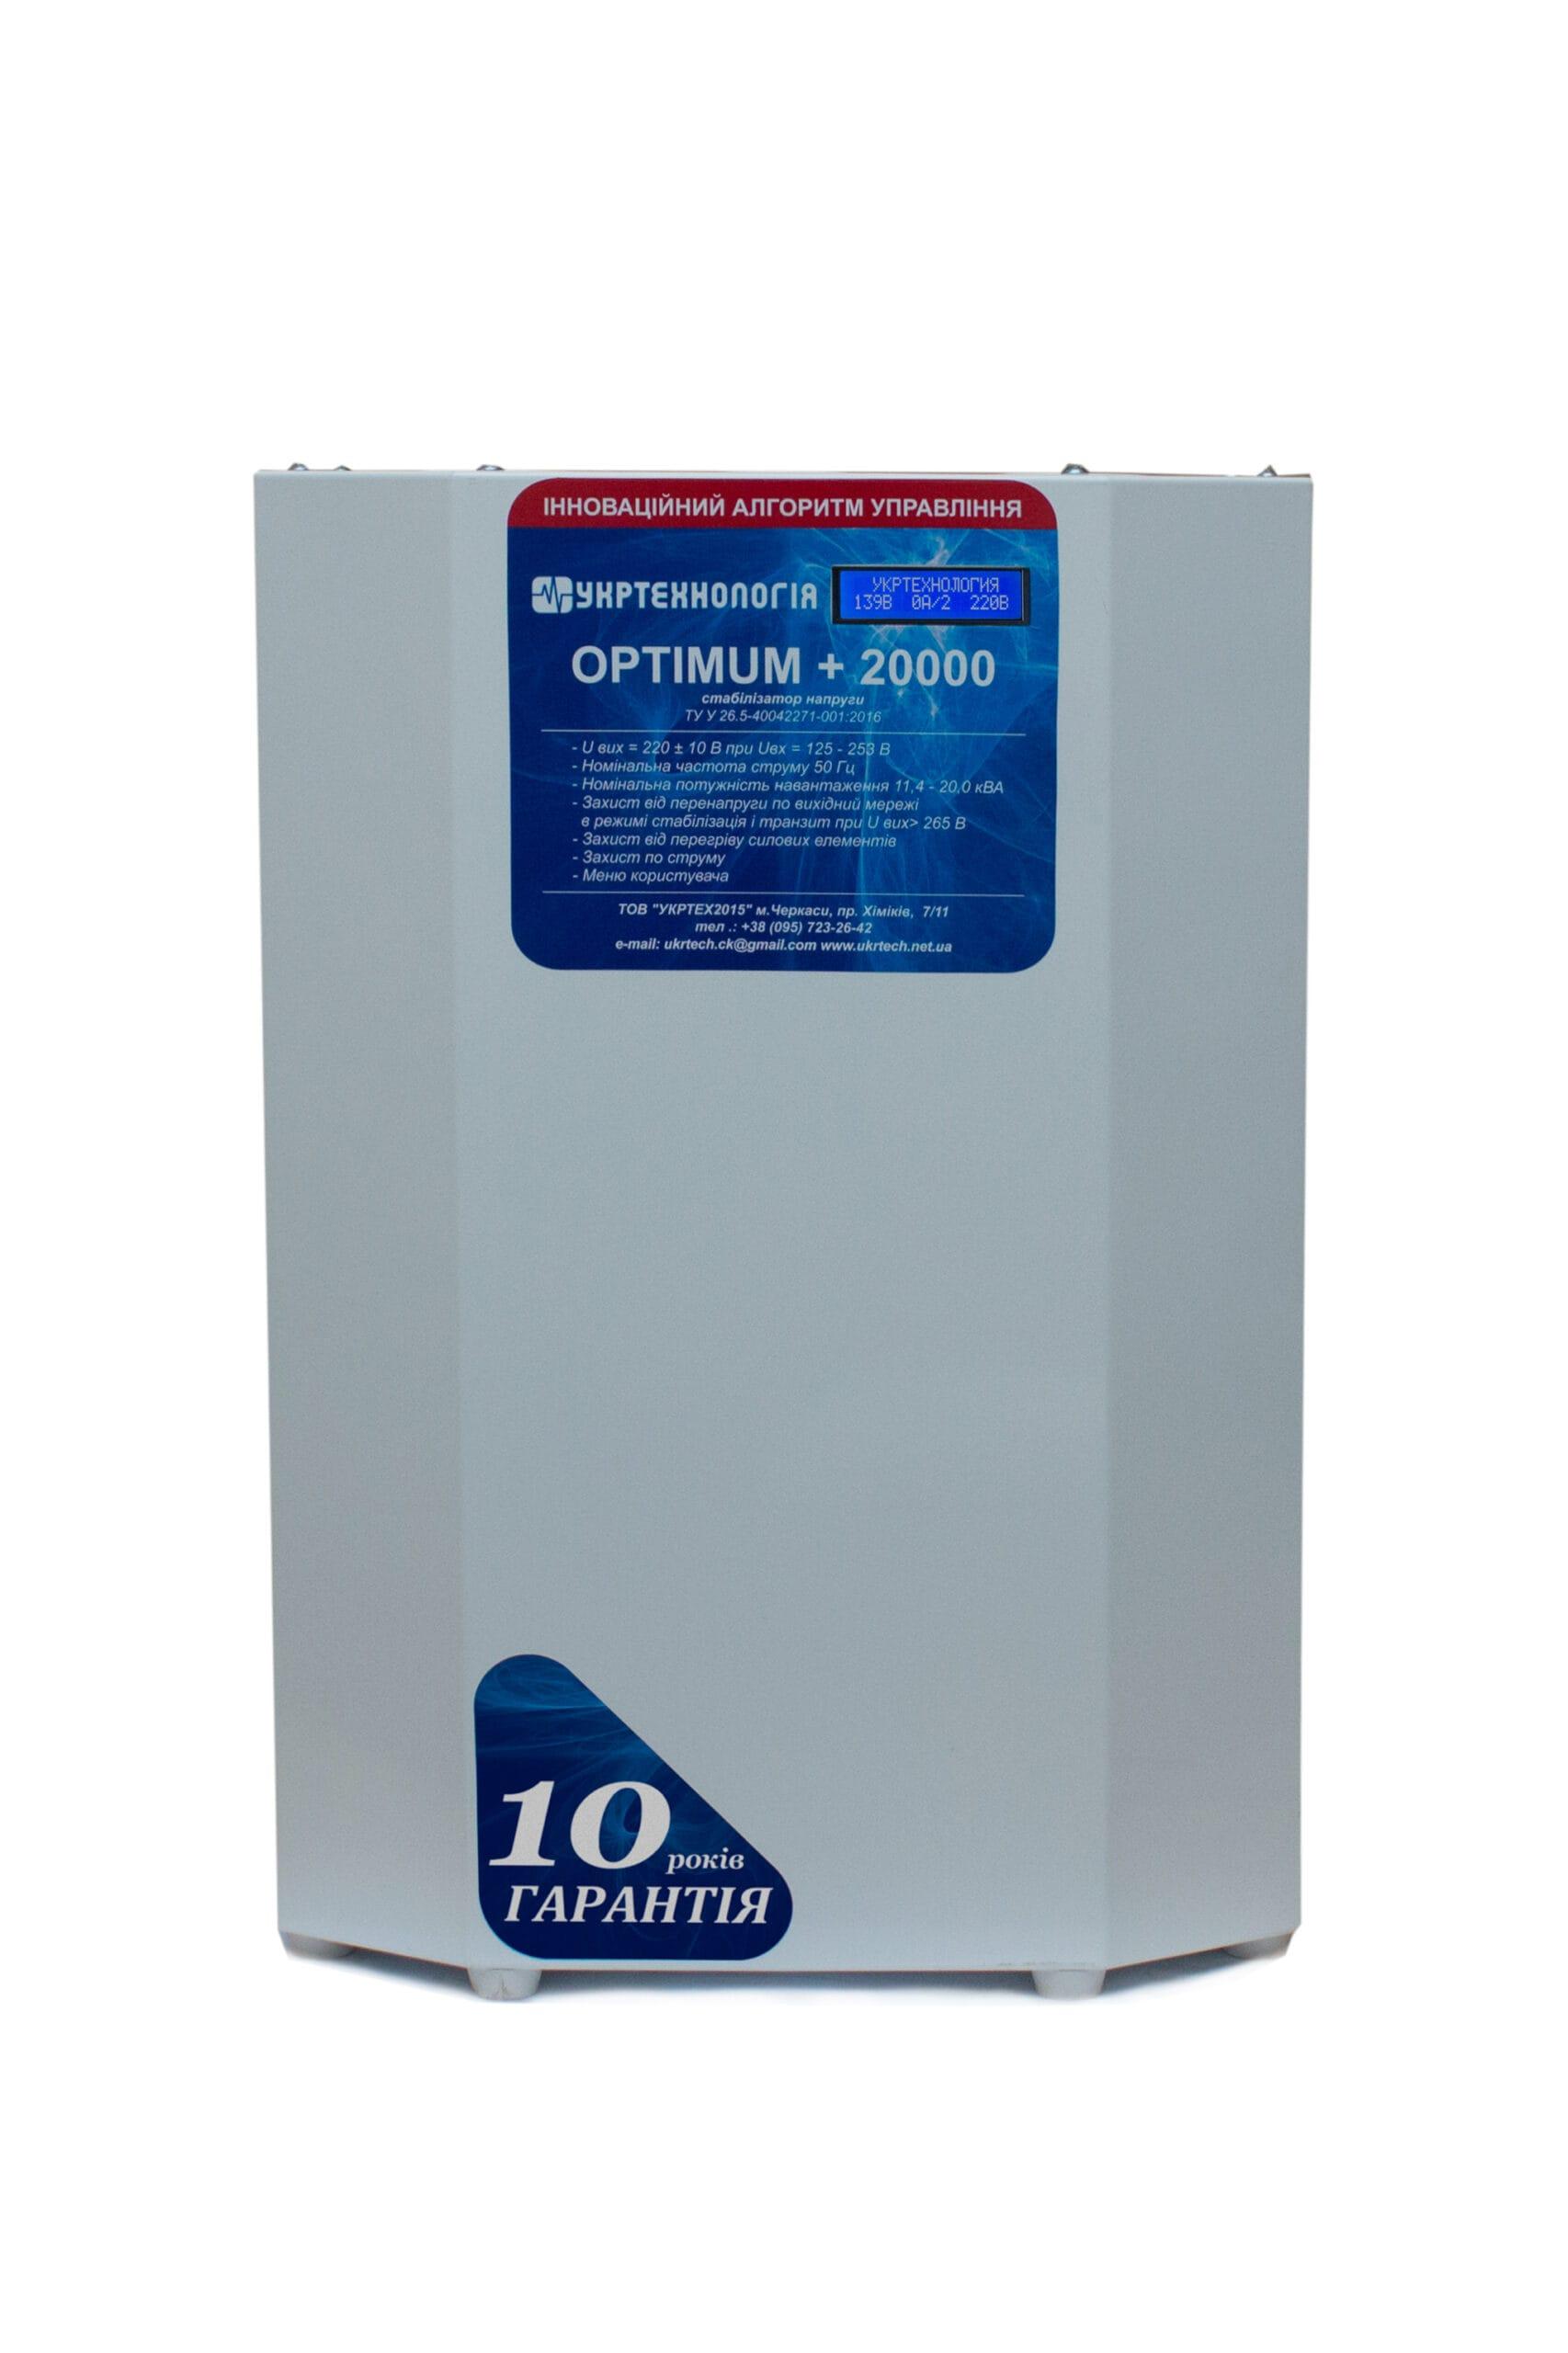 Стабилизаторы напряжения - Стабилизатор напряжения 20 кВт OPTIMUM 000001388 - Фото 3